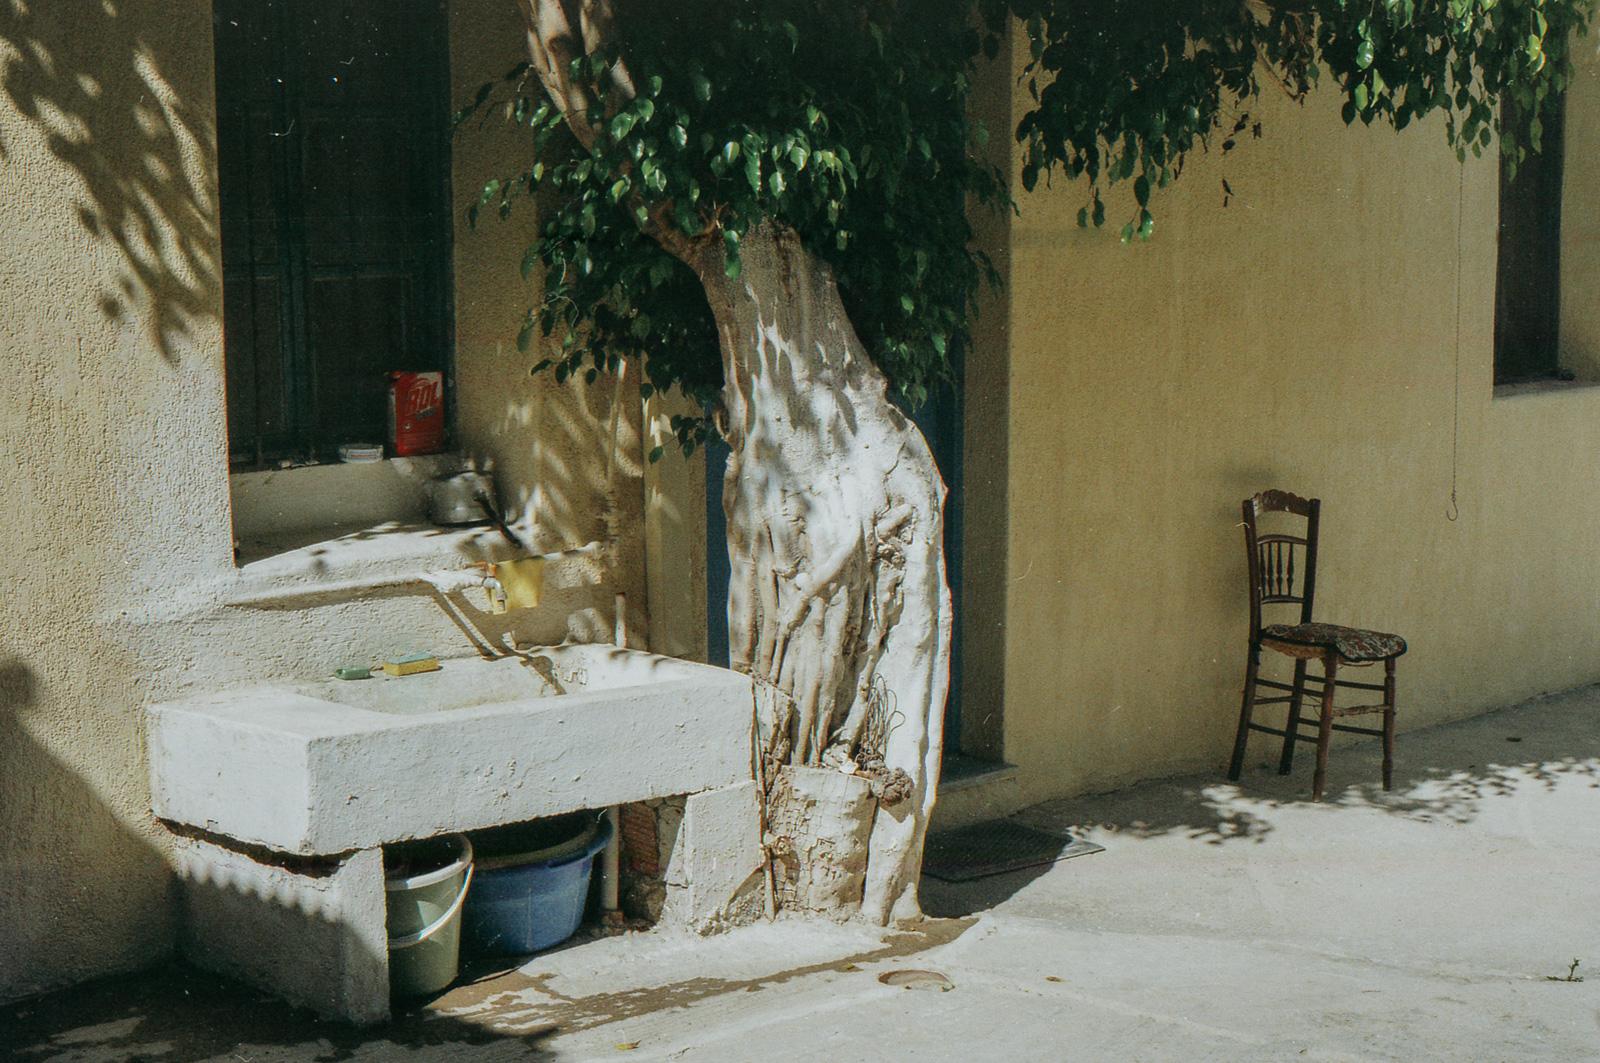 Backyard sink